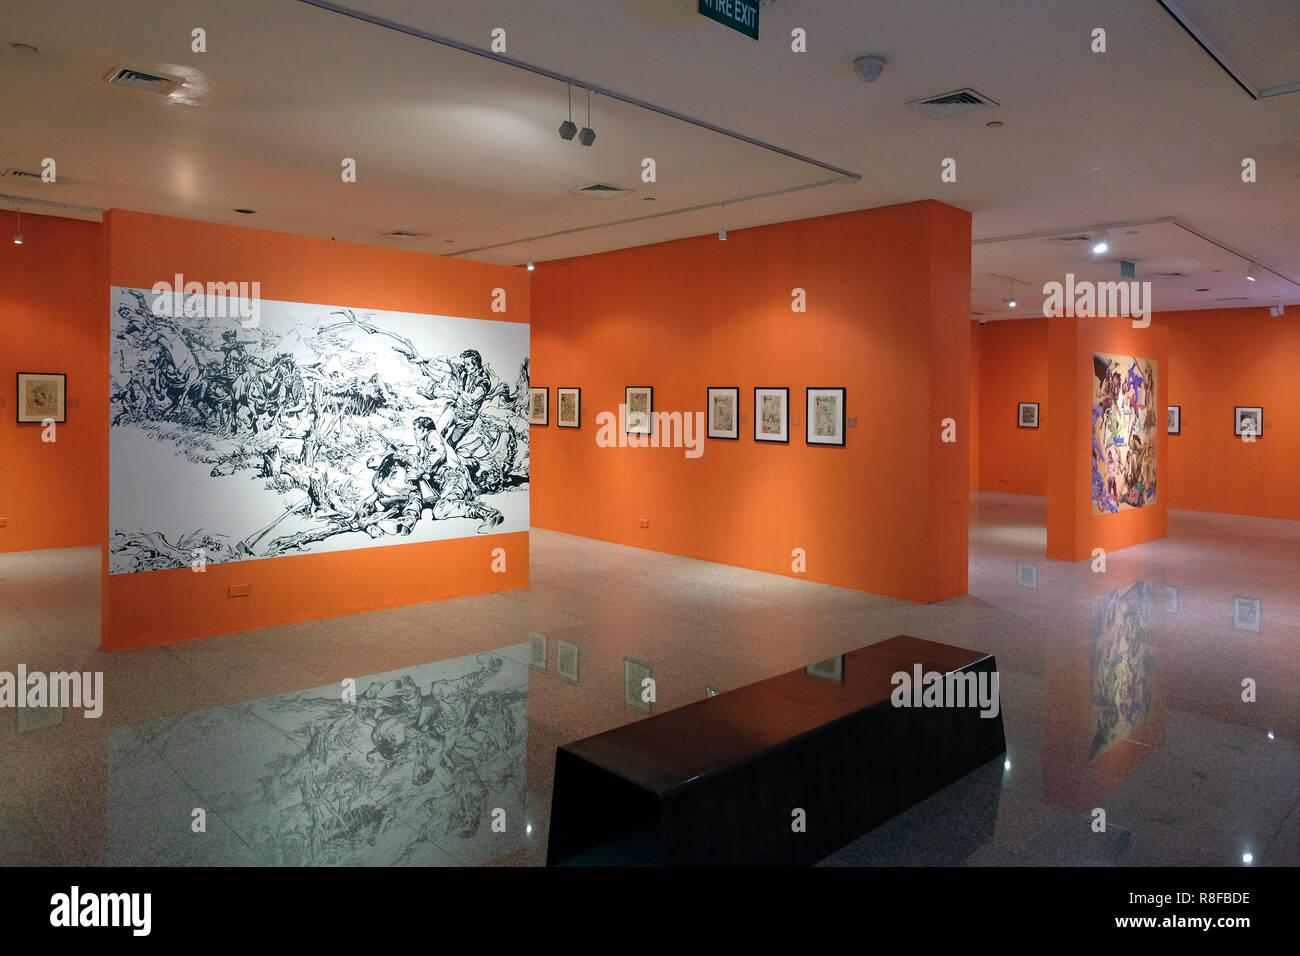 """Comic Werke von Francisco V. Coching Wer war eine philippinische Comics Illustrator und Schriftsteller und gilt als eine der """"Säulen des philippinischen Komiks Industrie an Ayala Museum, das ethnographische und archäologische Exponate auf die Philippinische Kultur, Kunst und Geschichte in Makati, Metro Manila, Philippinen angezeigt. Stockbild"""